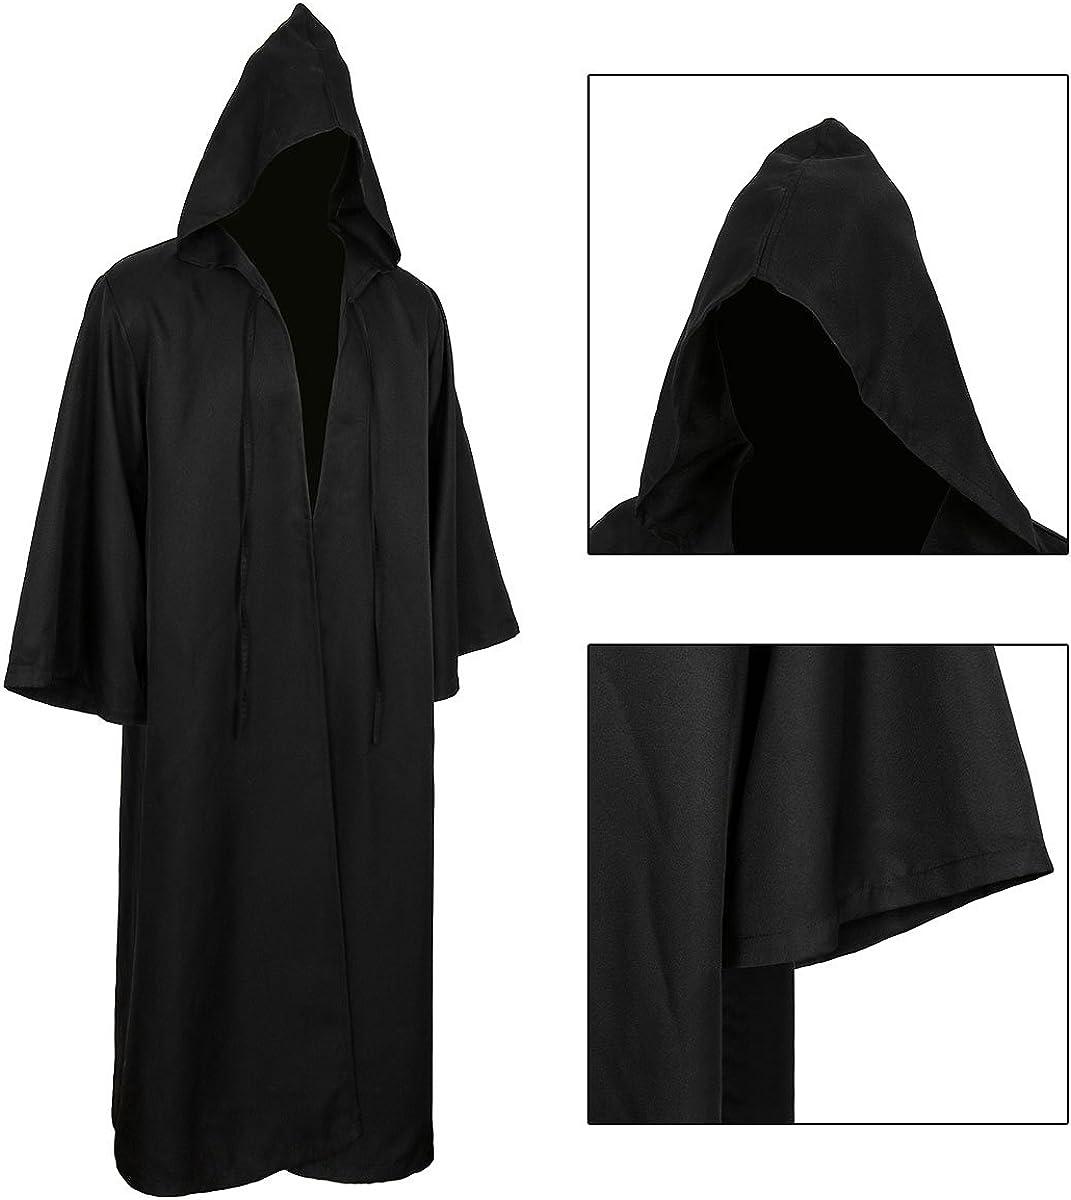 CUSFULL Mantello con Cappuccio Costume di Halloween Felpa con cappuccio Cappotto